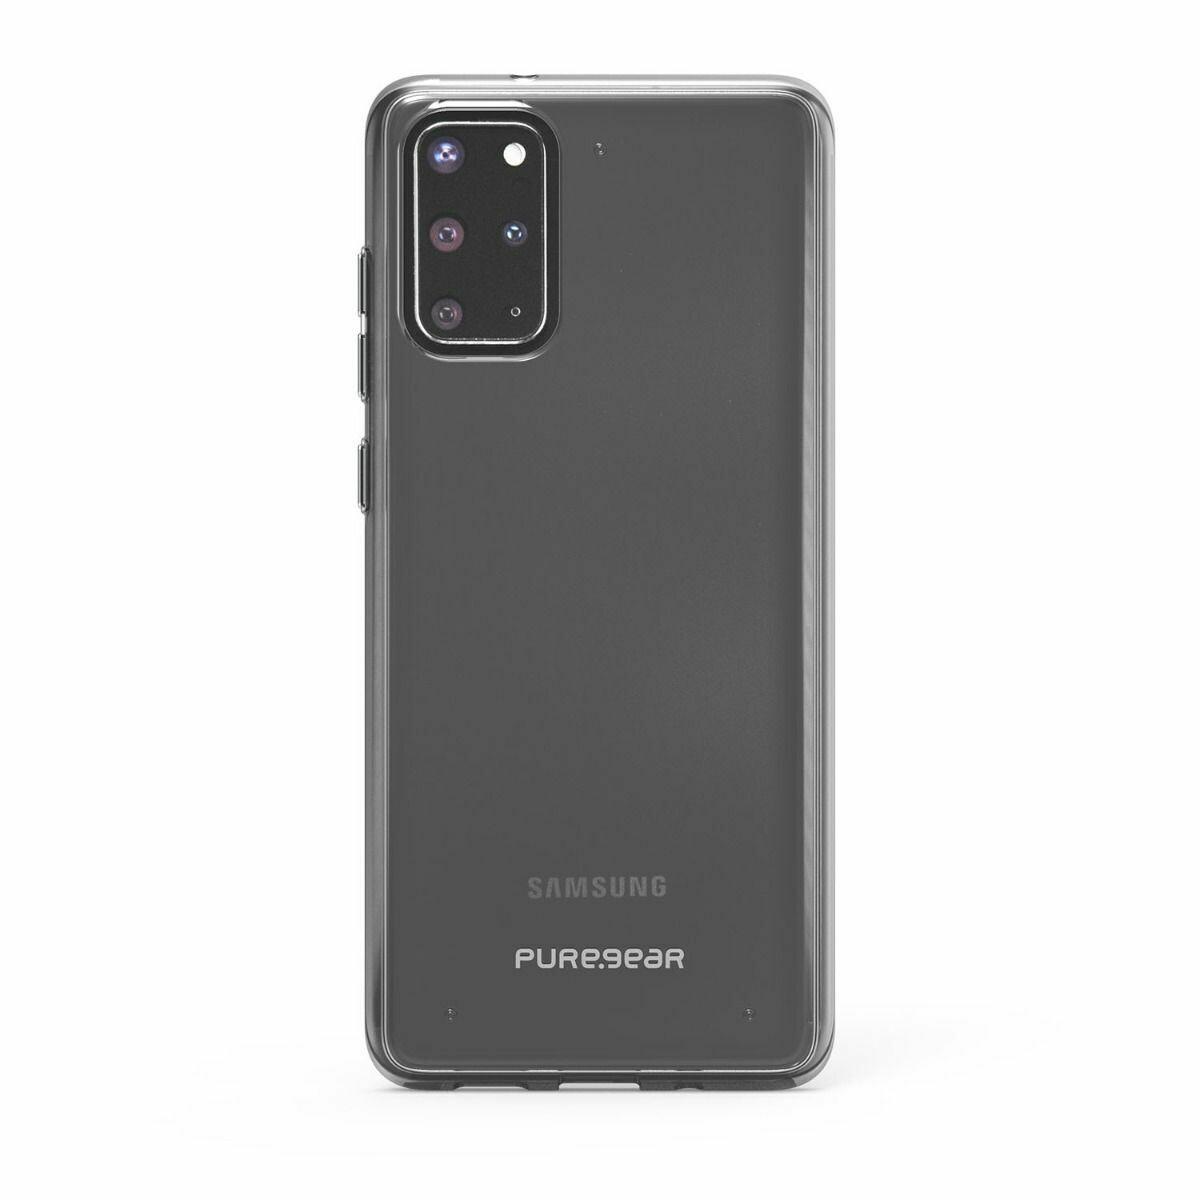 Samsung Galaxy S20+ Slim Shell Puregear Case - Clear/Black